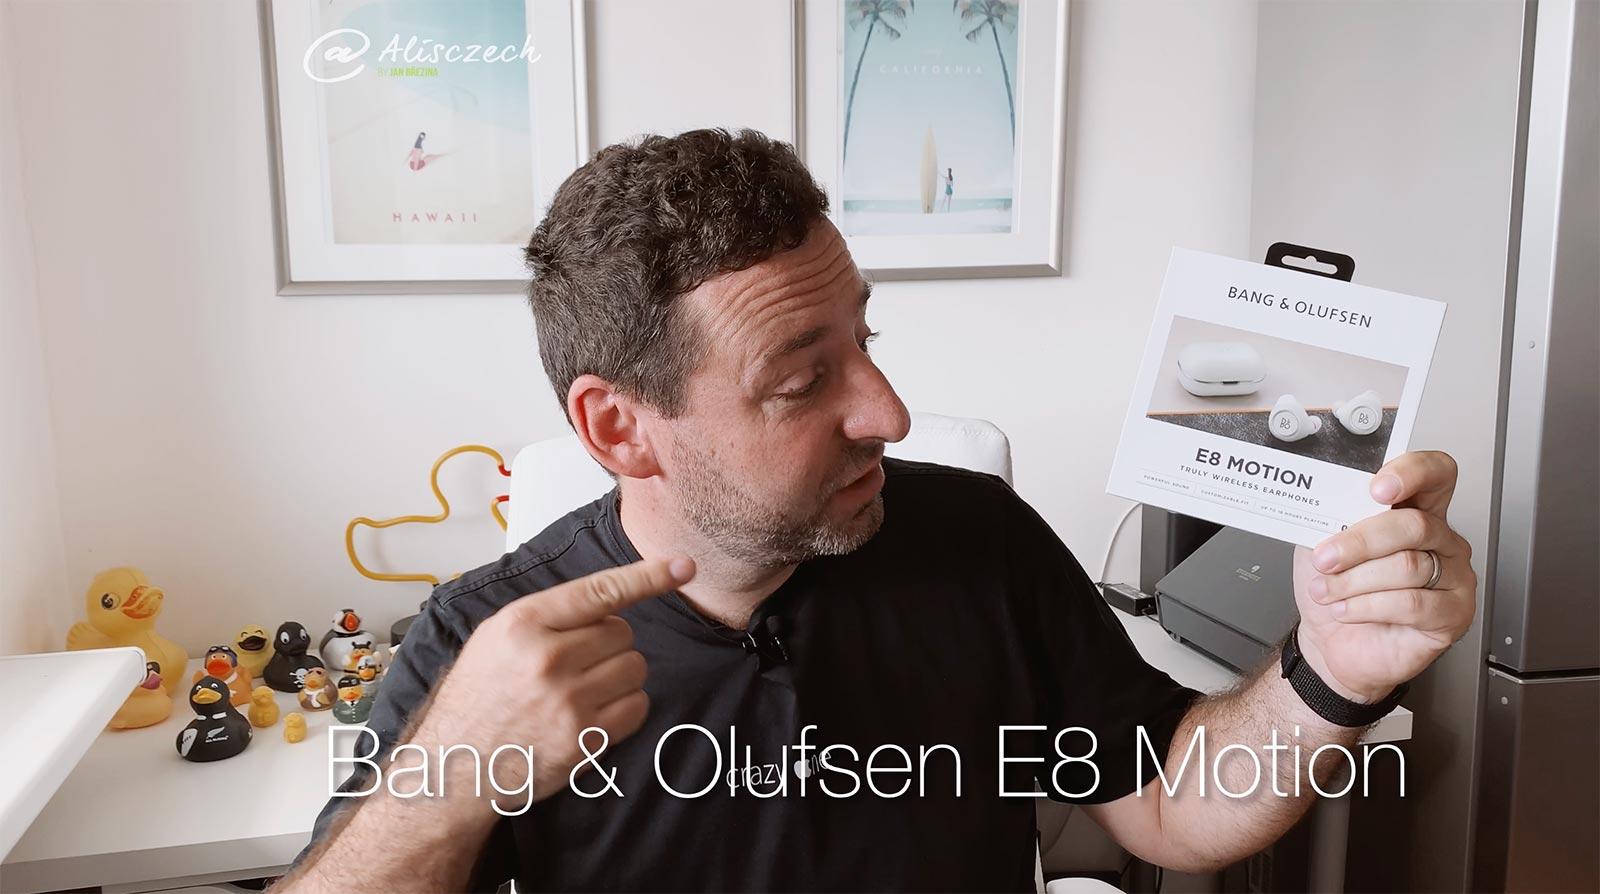 E8 Motion